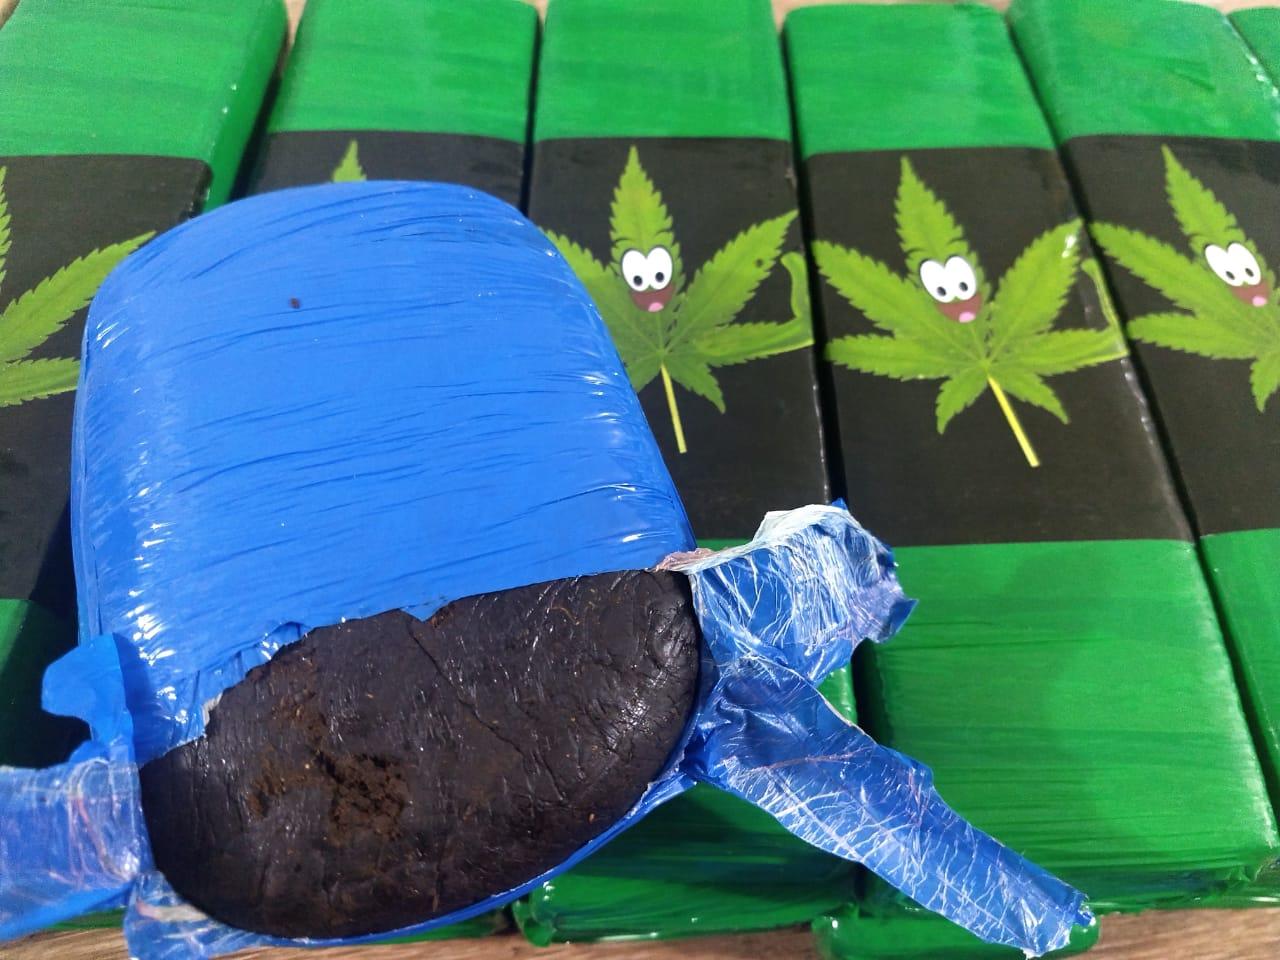 Tabletes de haxixe, maconha e skank apreendidos pela polícia. (Foto: divulgação PRF/MT)